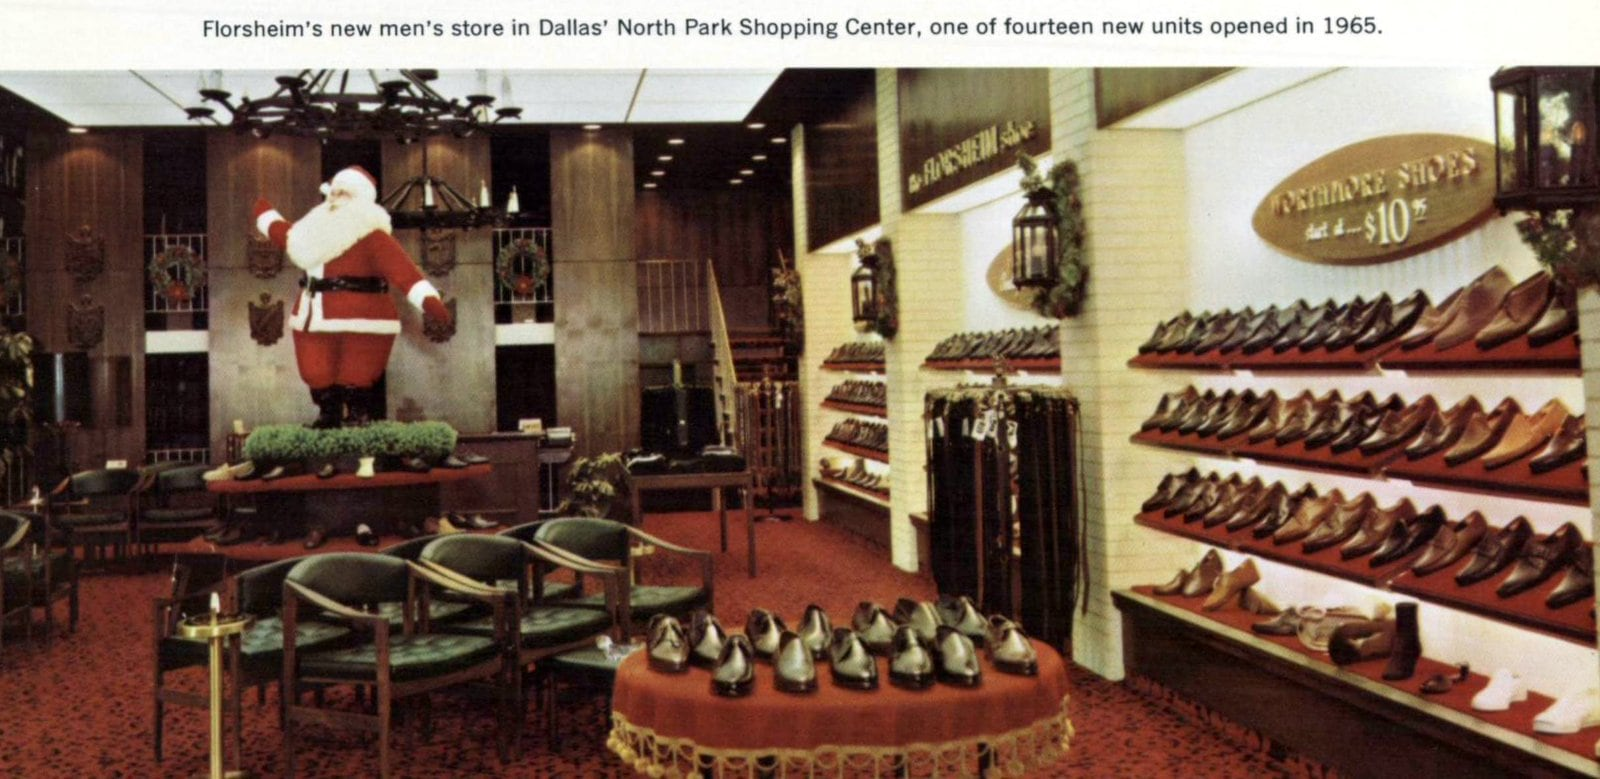 Florsheim Shoes - Dallas store (1965)